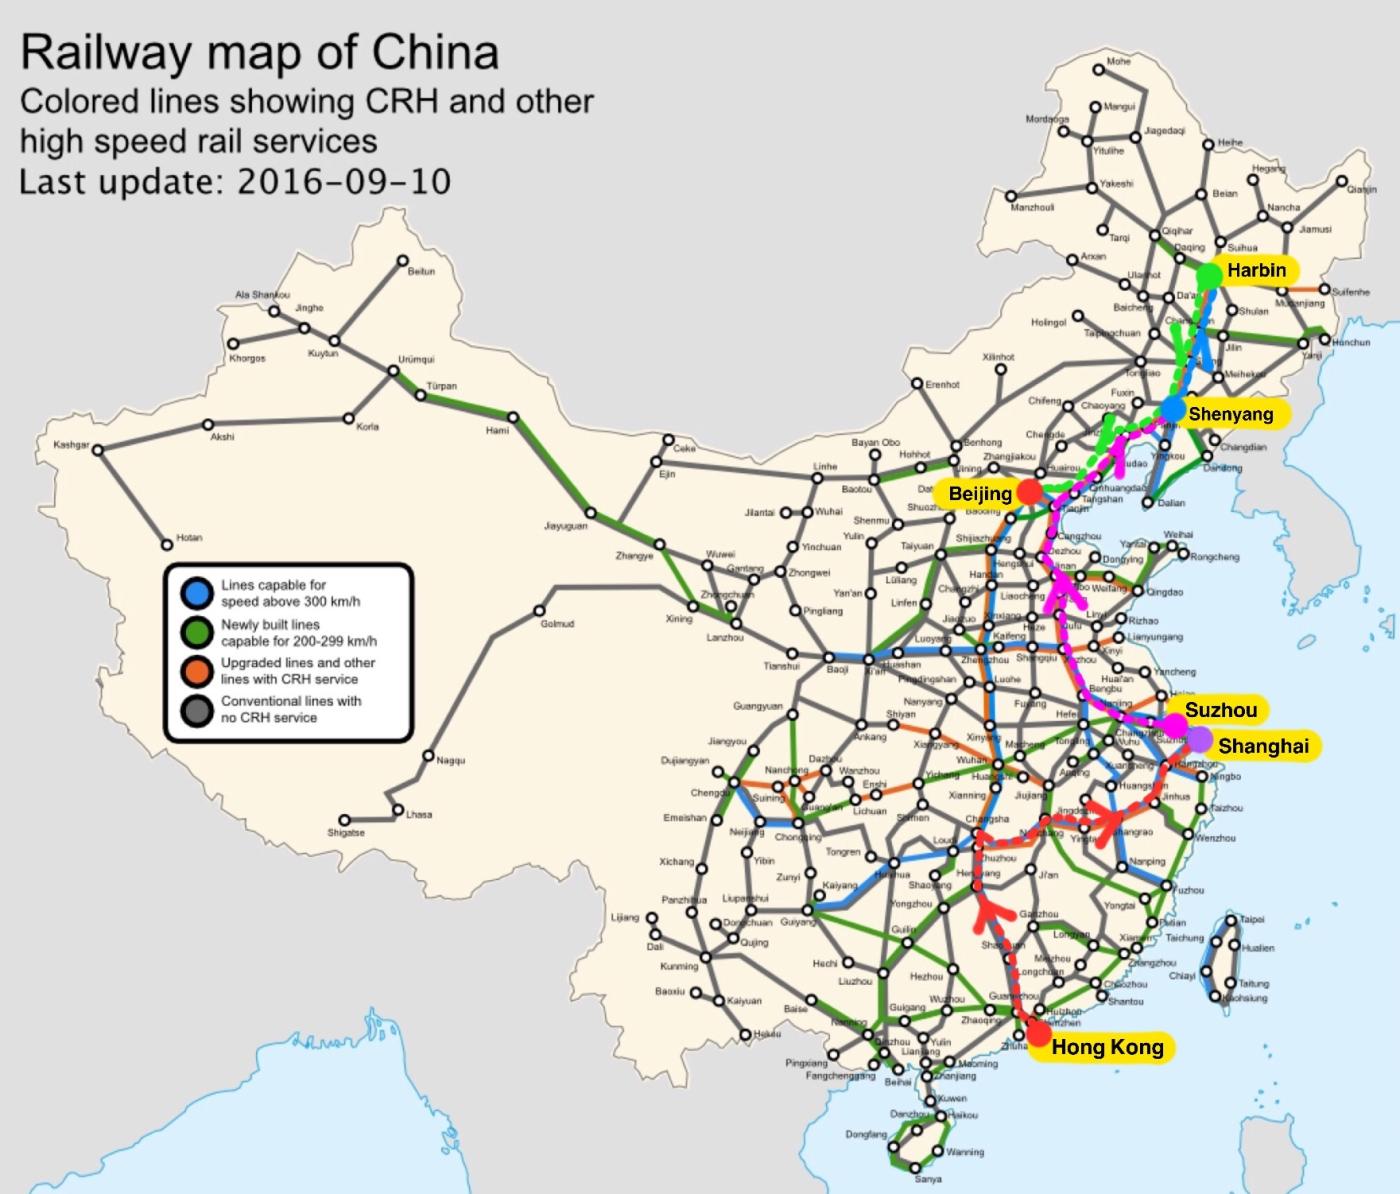 Rail map of China 2016 - marking